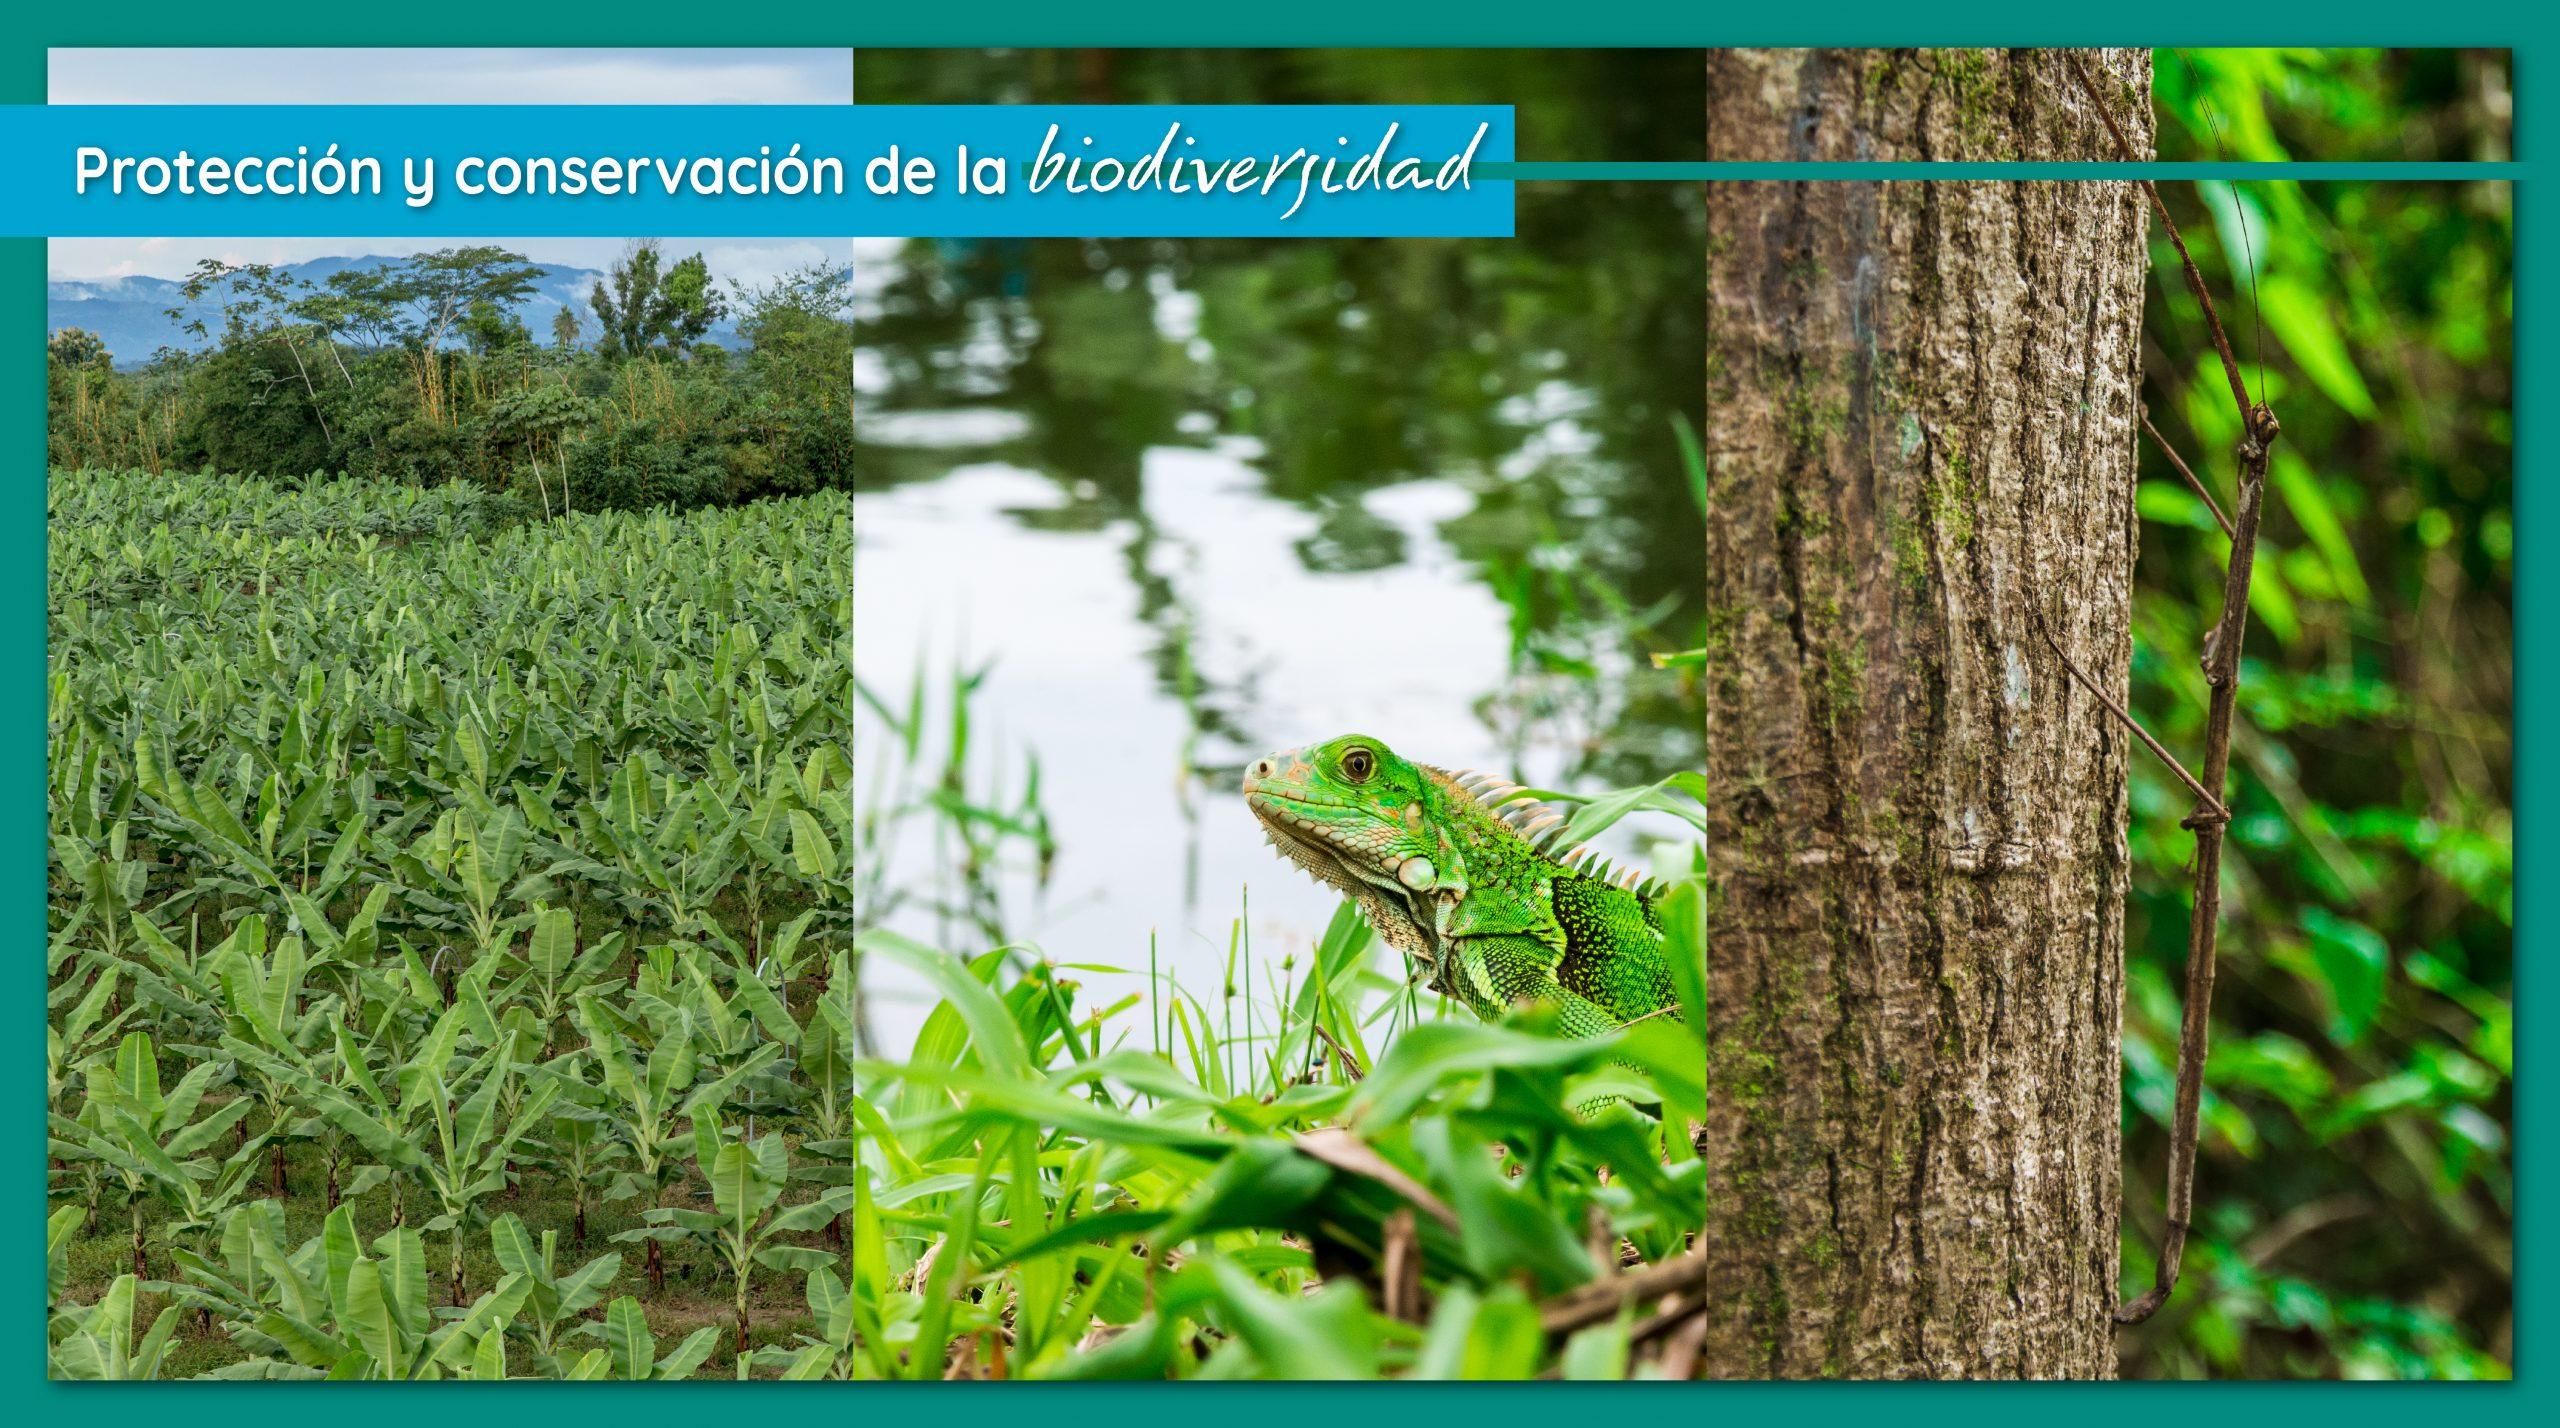 Protección y conservación de la biodiversidad